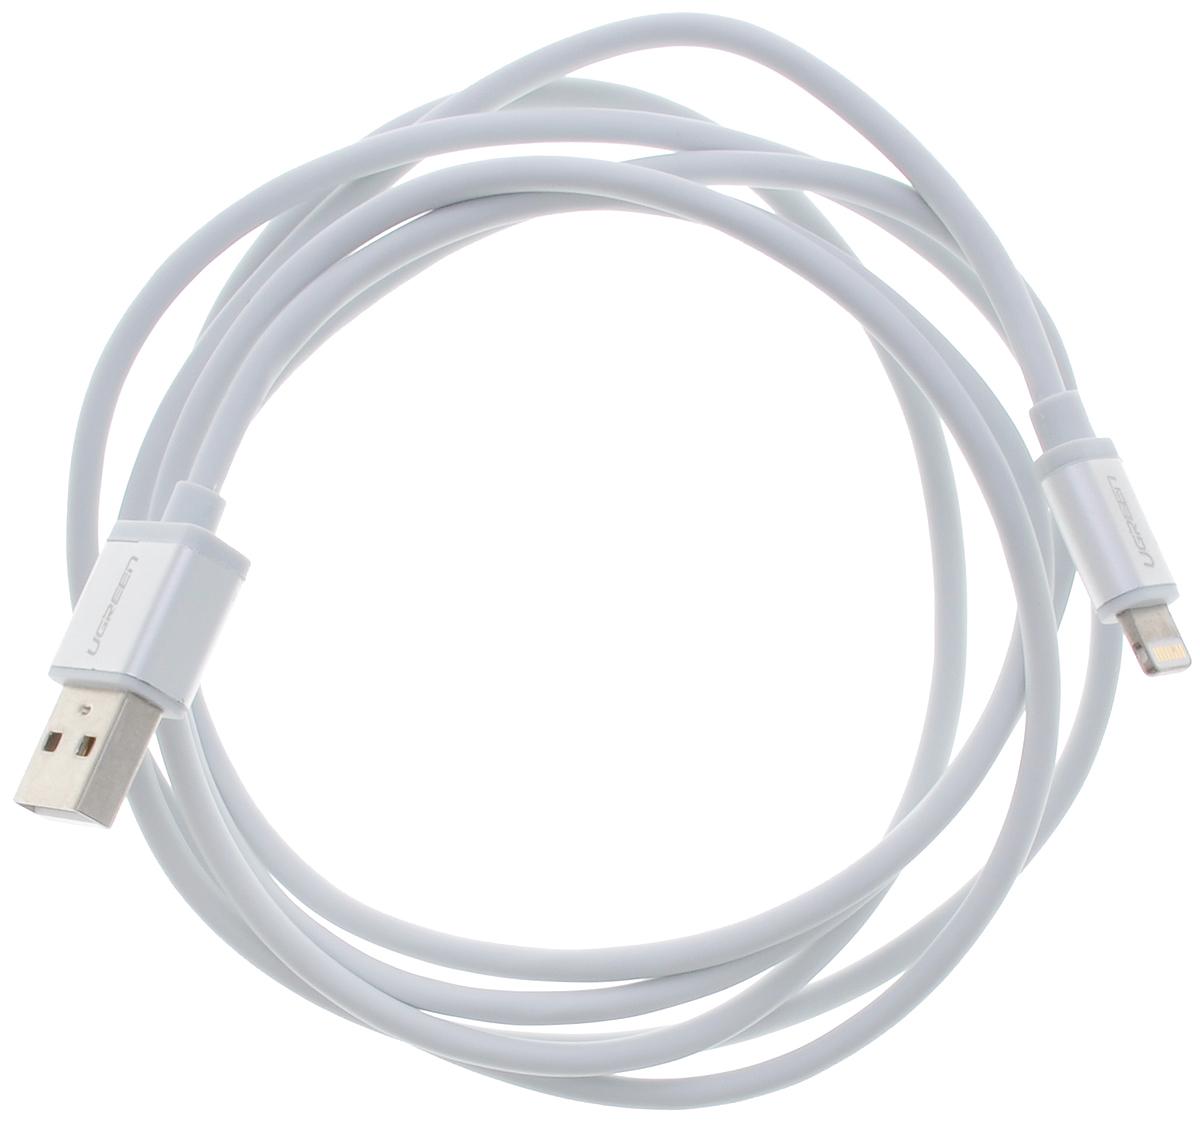 Ugreen UG-10813, White Silver кабель-переходник USB 1.5 мUG-10813Кабель Ugreen UG-10813 подходит для зарядки и синхронизации iPhone/iPod/iPad с интерфейсом Lightning и полностью соответствует стандартам качества Apple.